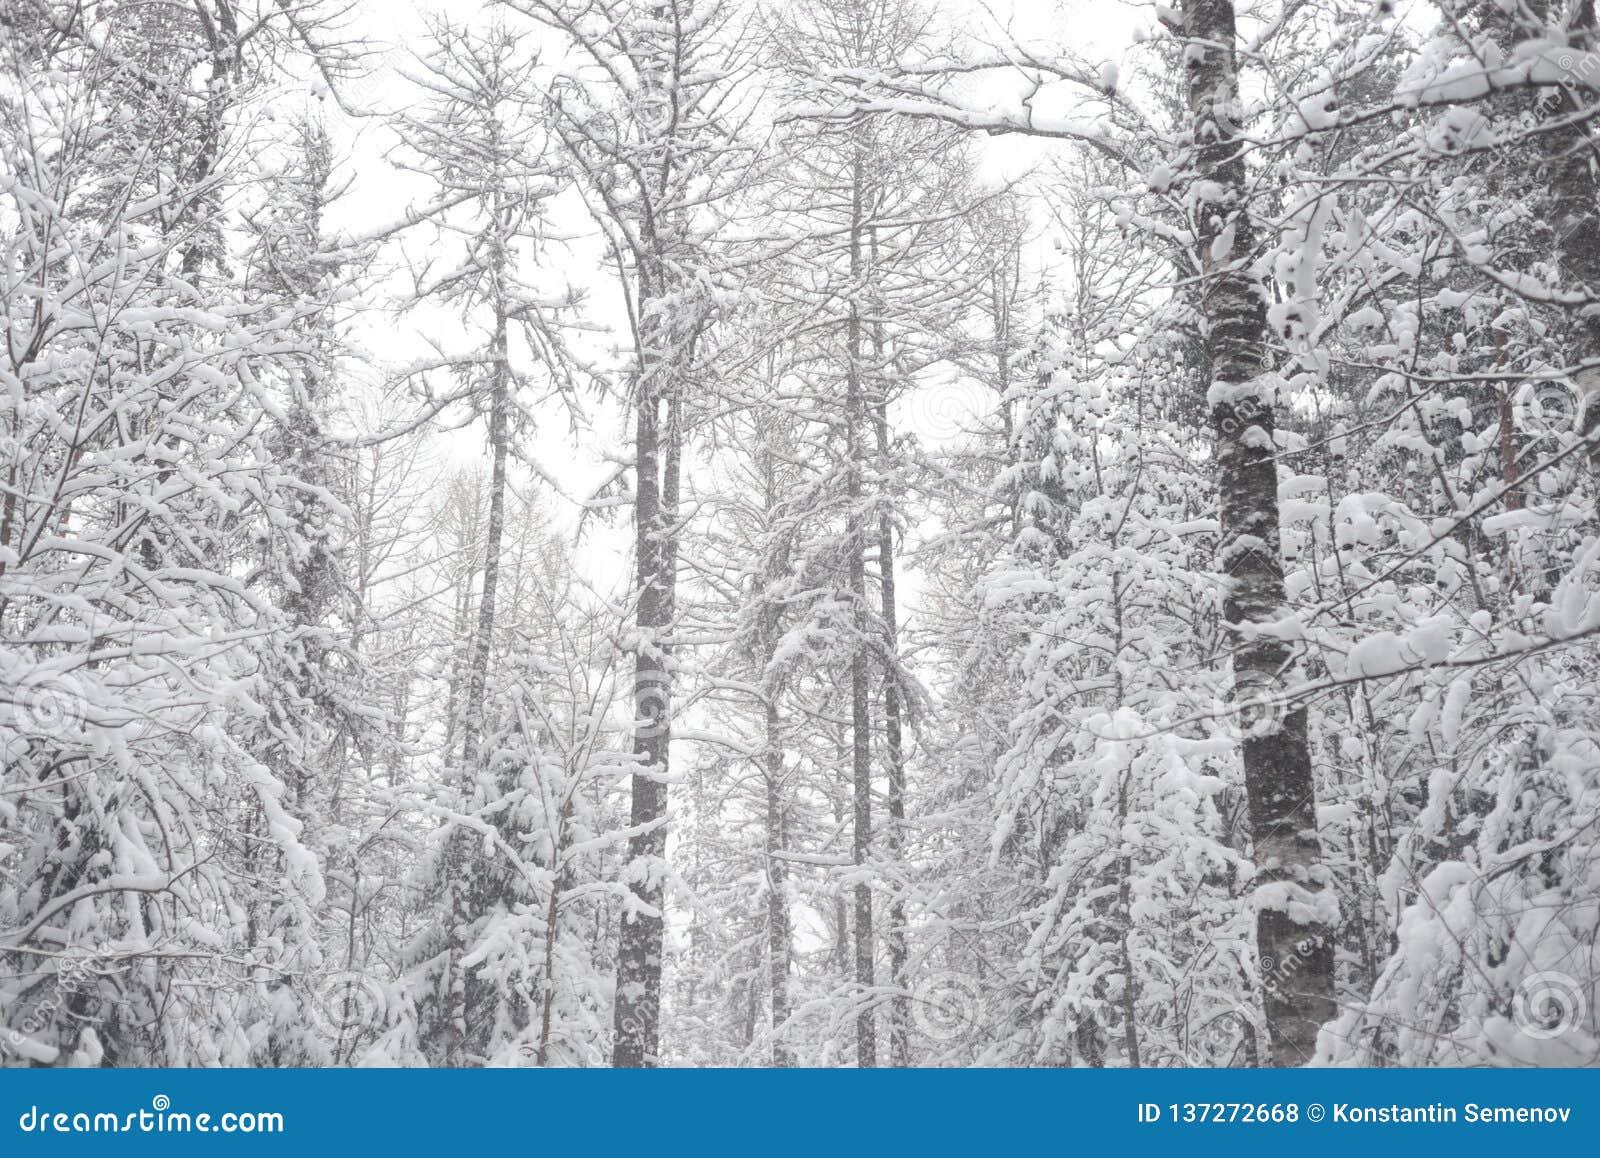 Deciduous las przy zimą